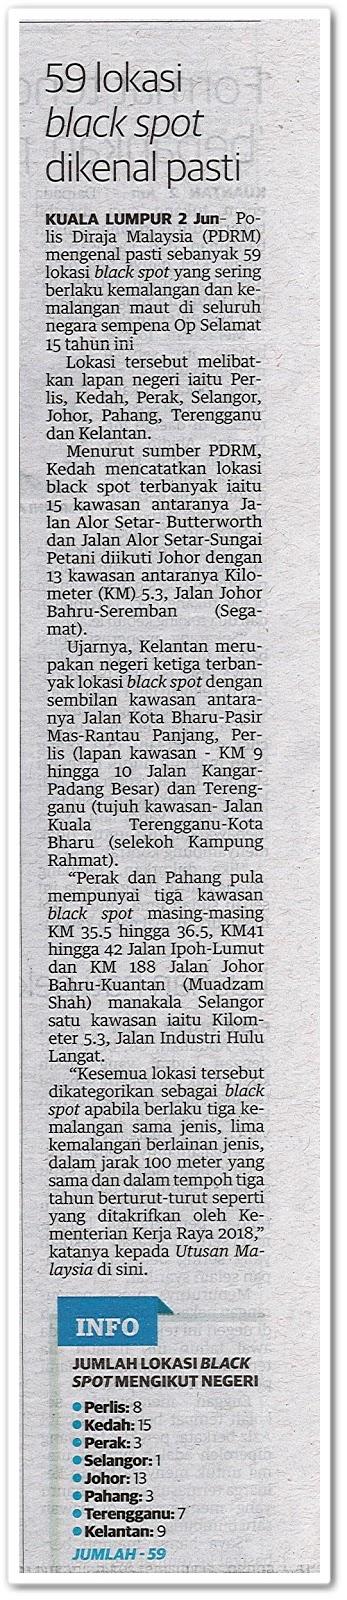 59 lokasi black spot dikenal pasti - Keratan akhbar Utusan Malaysia 3 Jun 2019